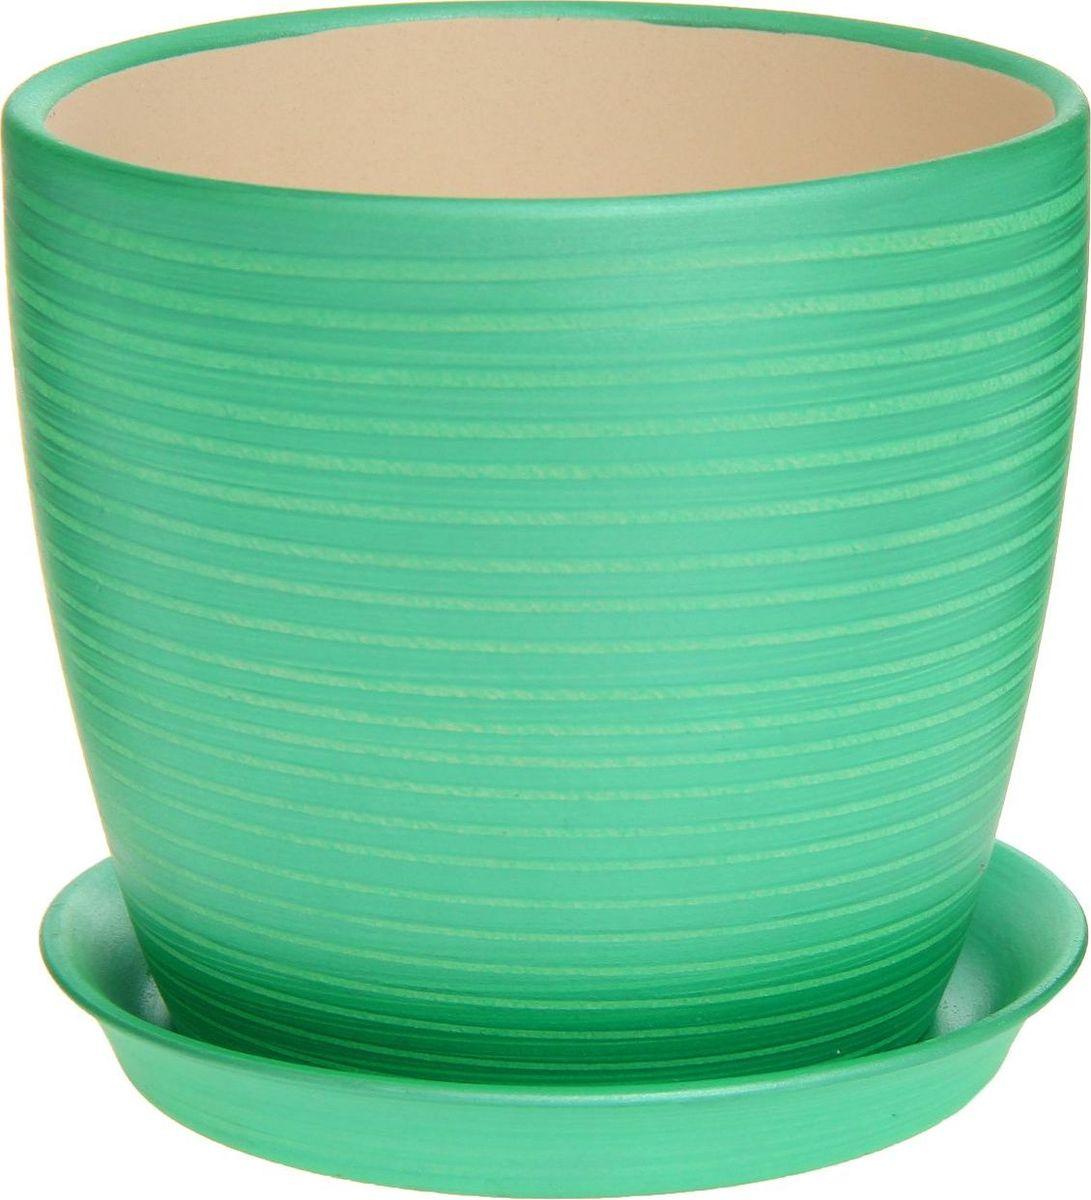 Кашпо Керамика ручной работы Осень. Радуга, цвет: зеленый, 2 л1170323Комнатные растения — всеобщие любимцы. Они радуют глаз, насыщают помещение кислородом и украшают пространство. Каждому из них необходим свой удобный и красивый дом. Кашпо из керамики прекрасно подходят для высадки растений: за счёт пластичности глины и разных способов обработки существует великое множество форм и дизайновпористый материал позволяет испаряться лишней влагевоздух, необходимый для дыхания корней, проникает сквозь керамические стенки! #name# позаботится о зелёном питомце, освежит интерьер и подчеркнёт его стиль.